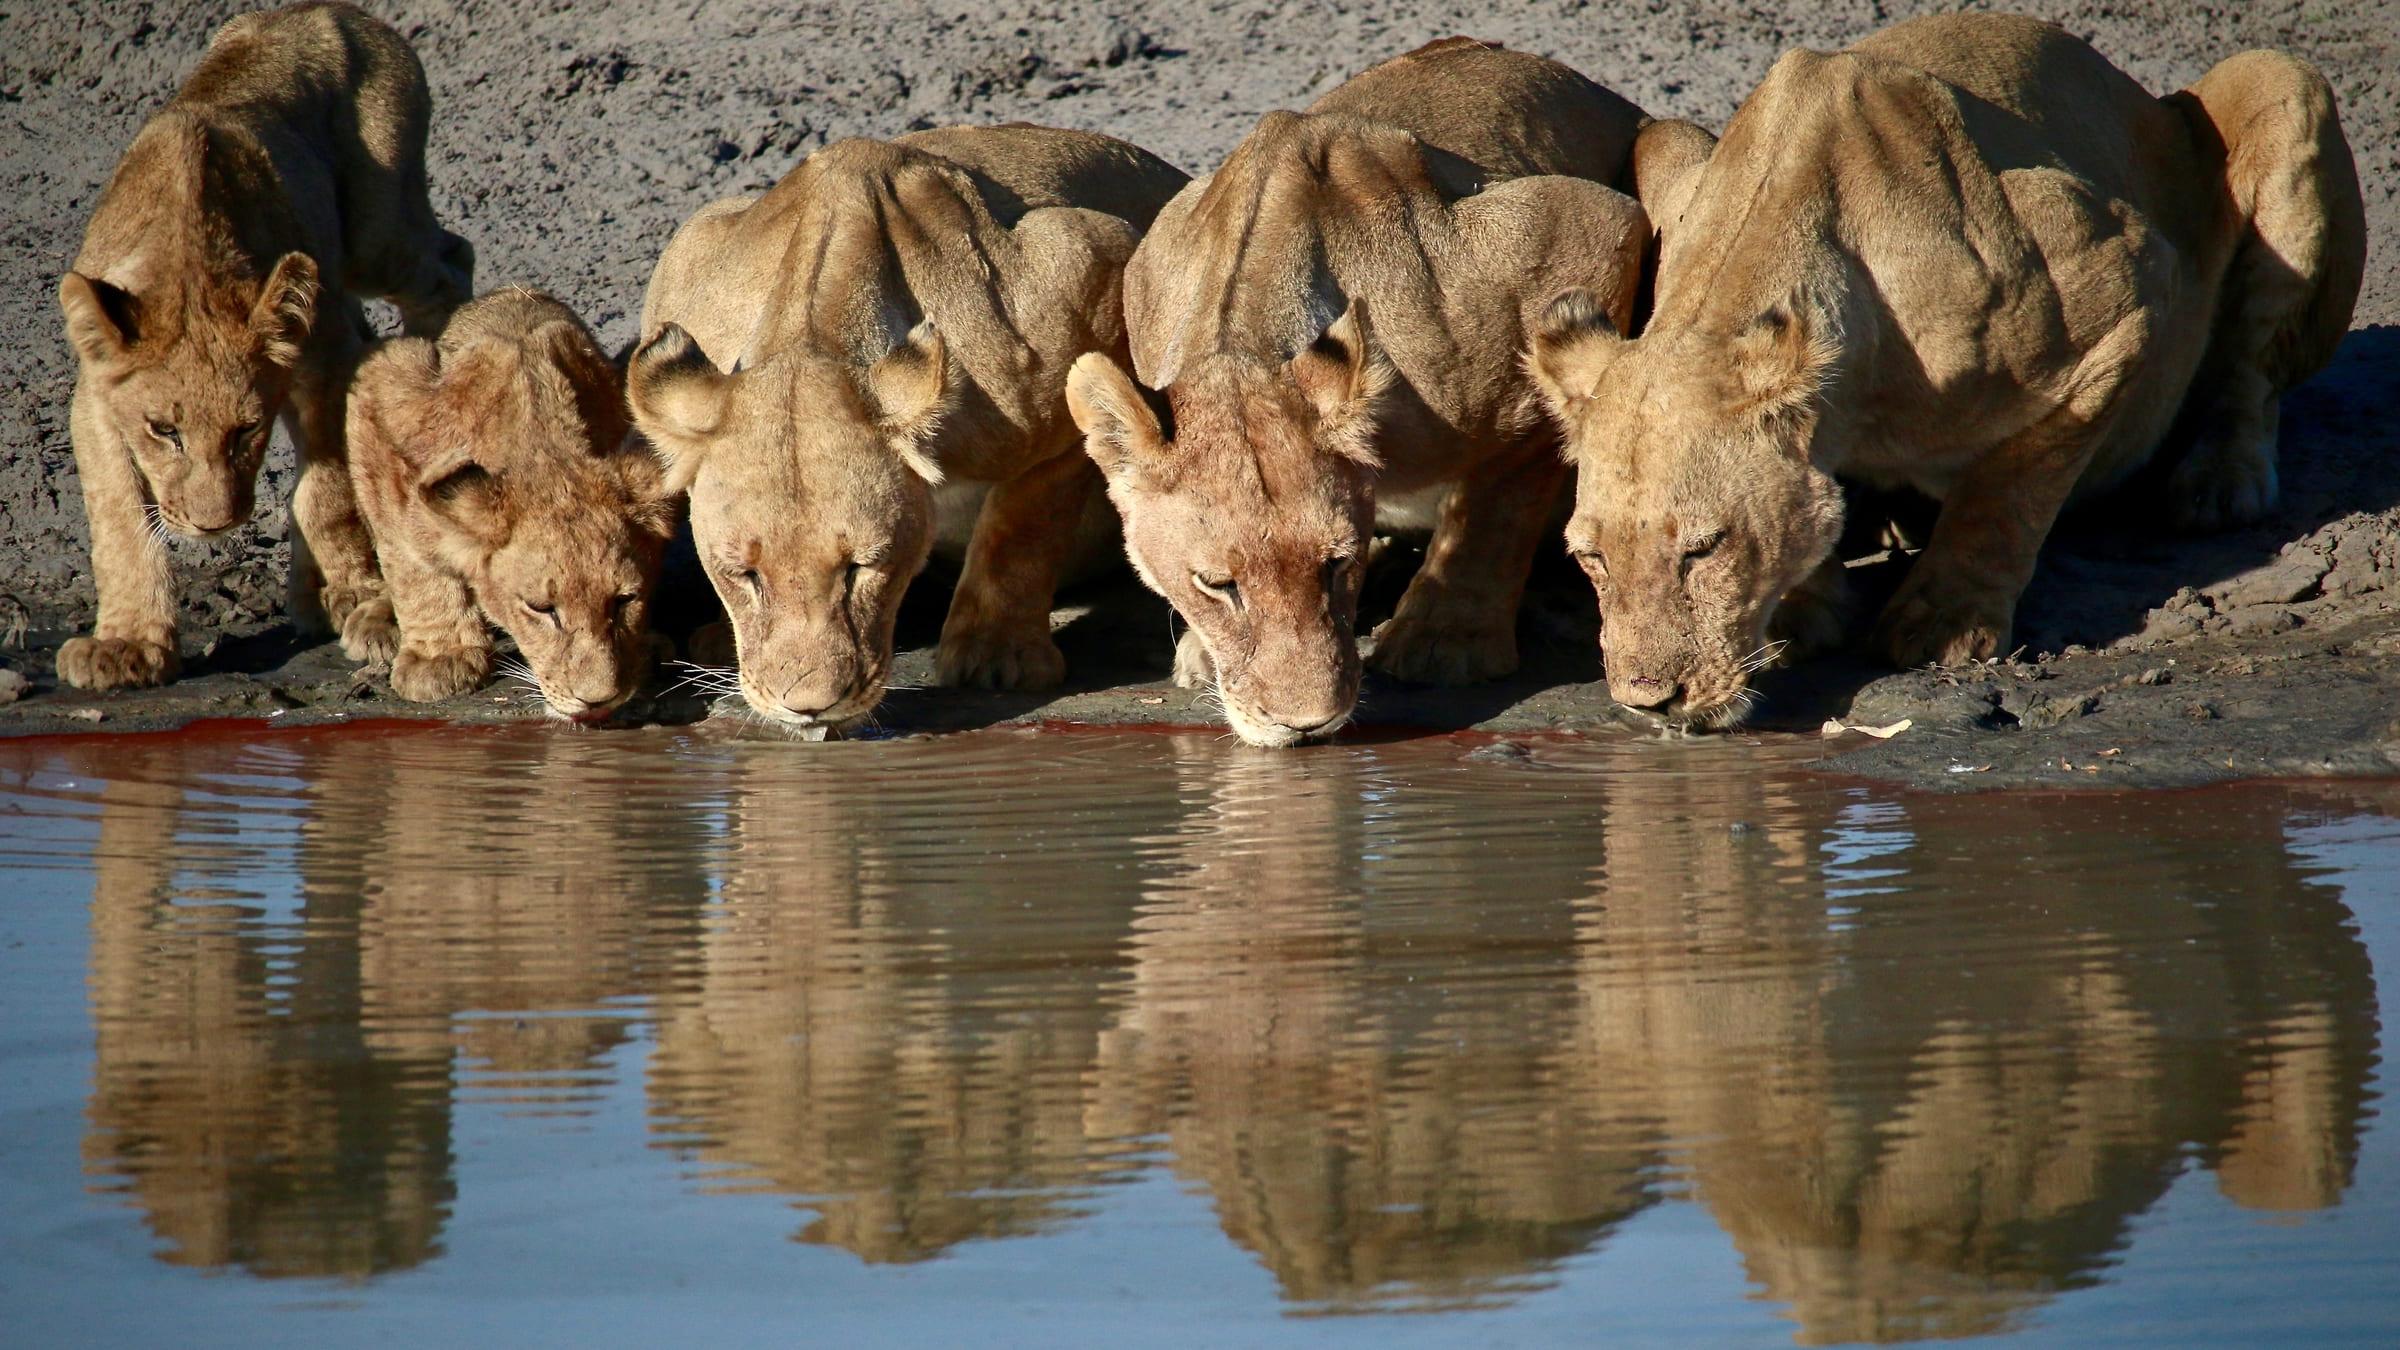 Un groupe de lionnes s'abreuvent, au Botswana.